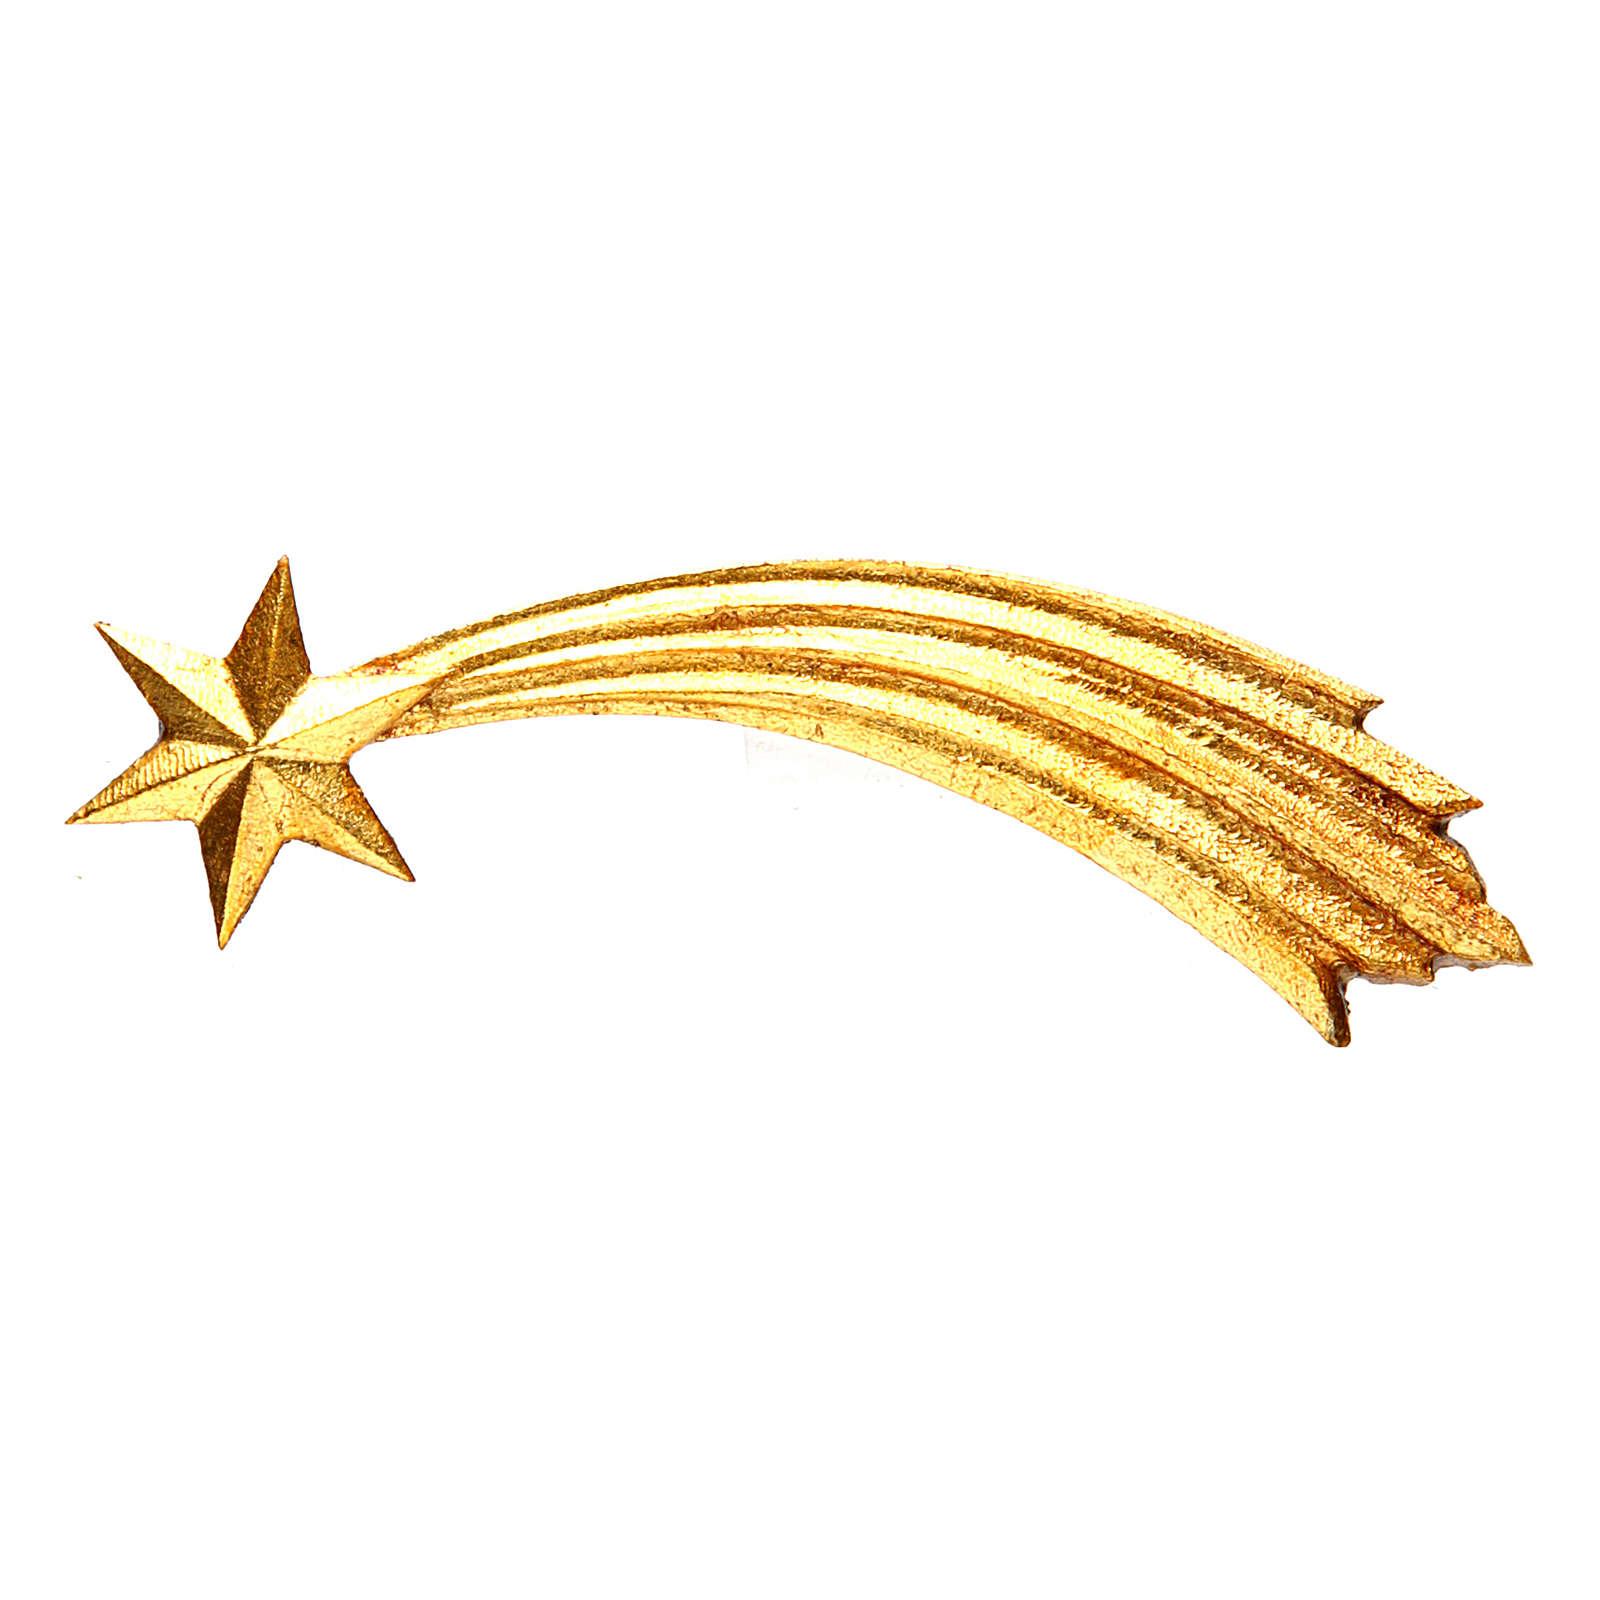 Gwiazda kometa szopka Original Pastore drewno malowane Val Gardena 12 cm 4